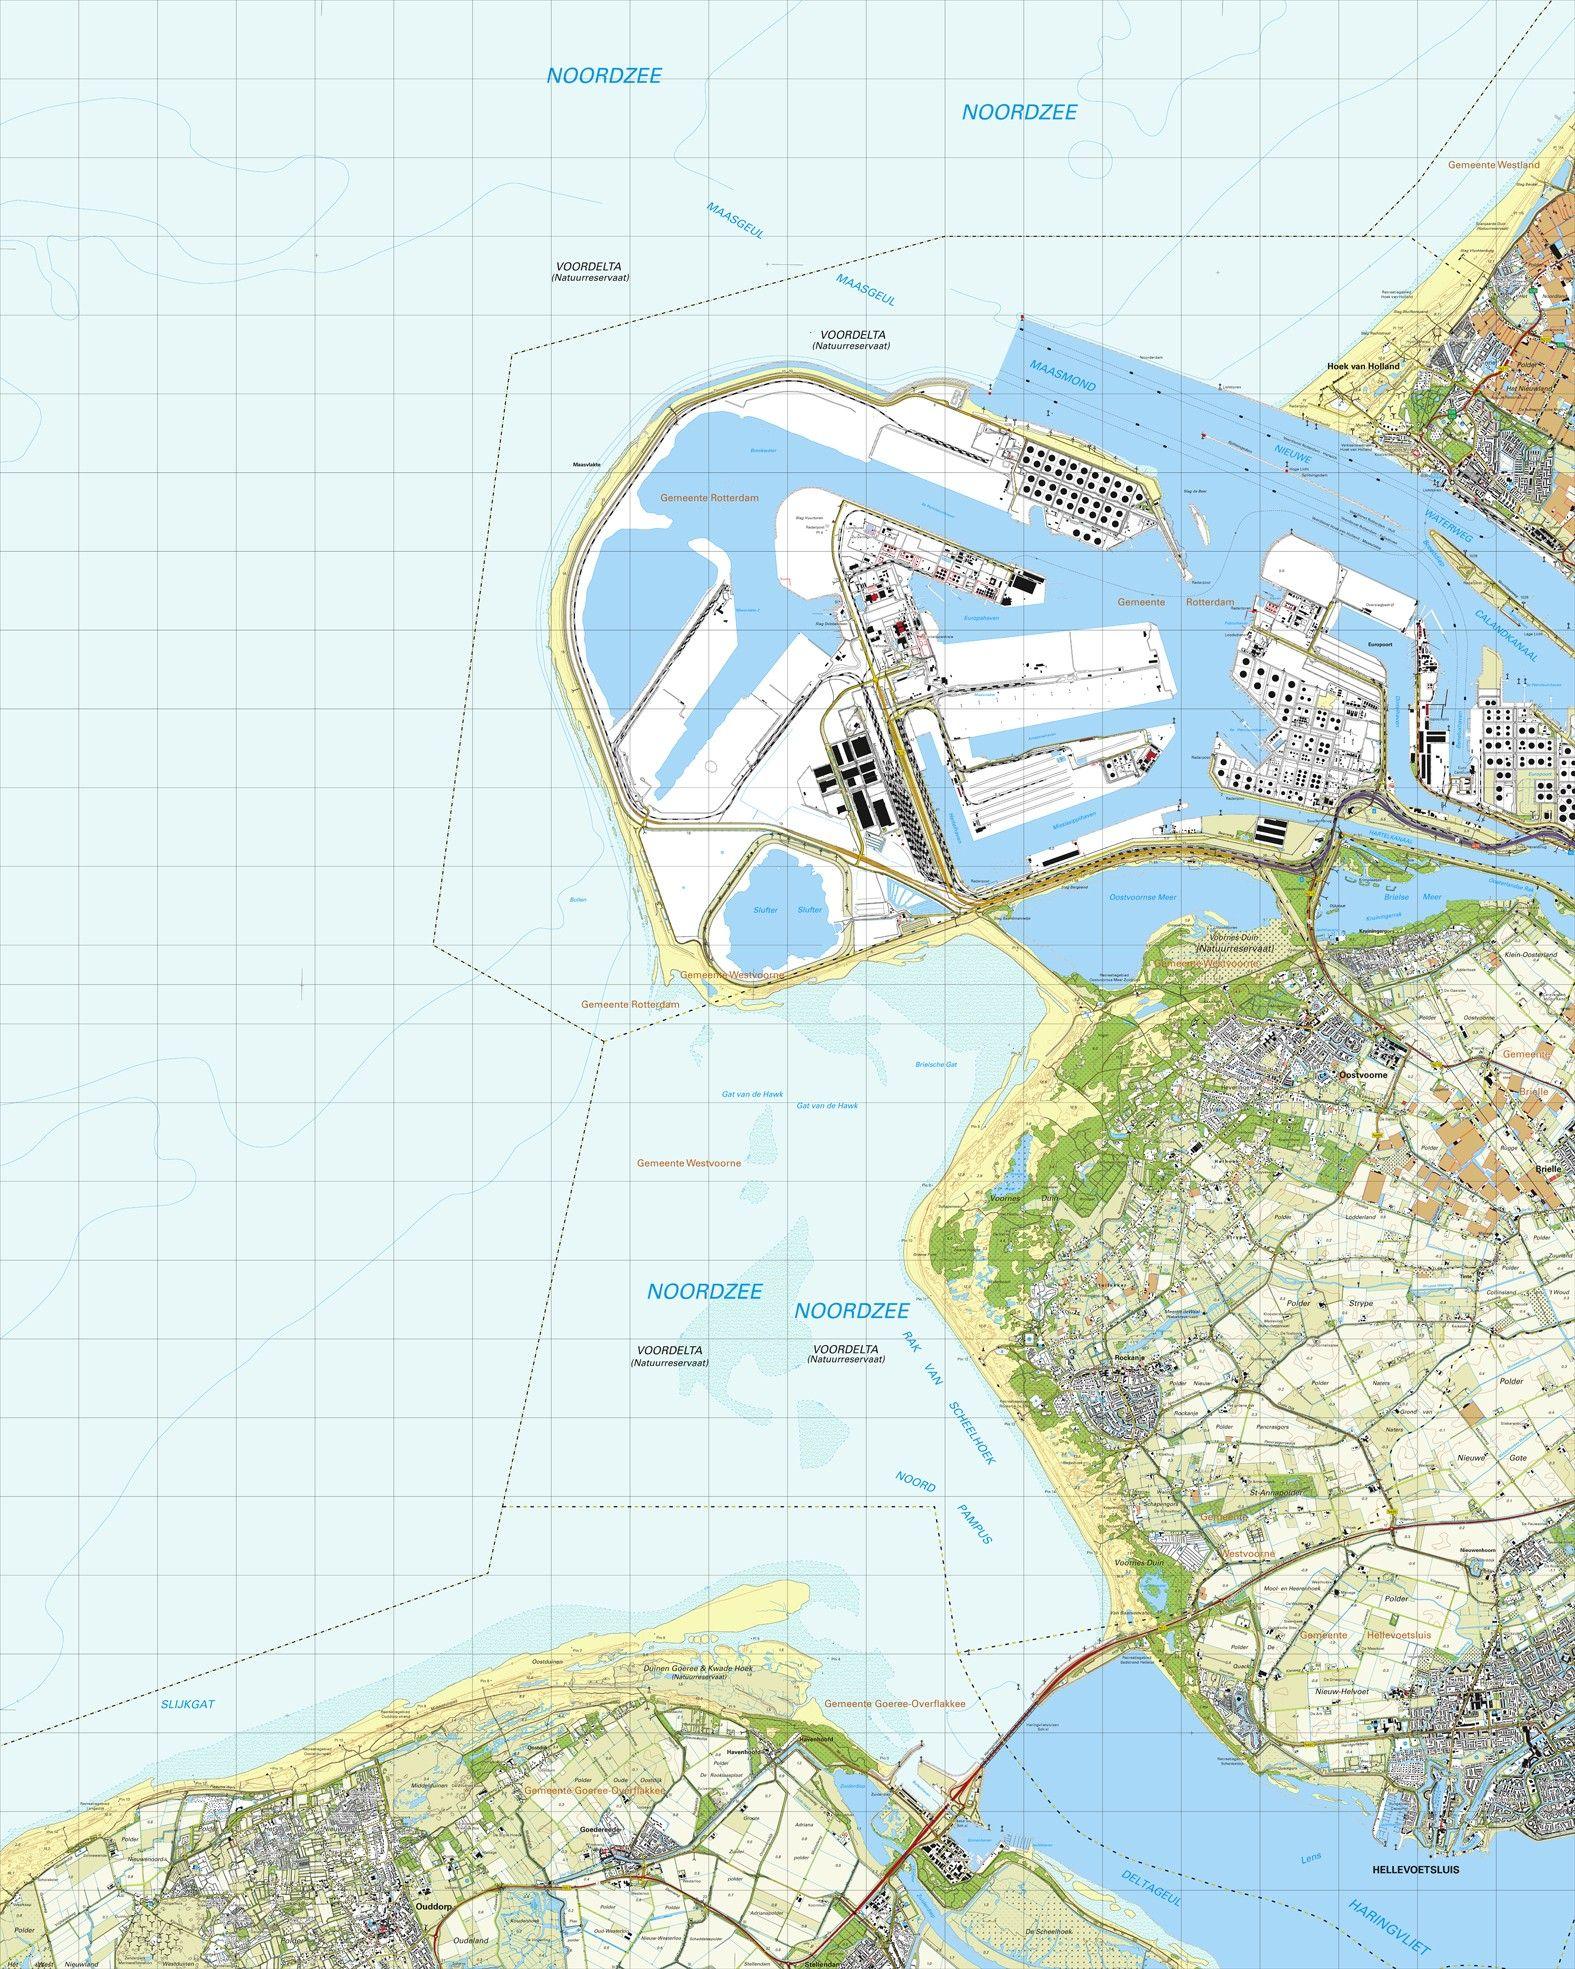 Topografische kaart schaal 1:25.000 (Maasvlakte, Oostvoorne, Hoek van Holland, Rockanje, Hellevoetsluis)